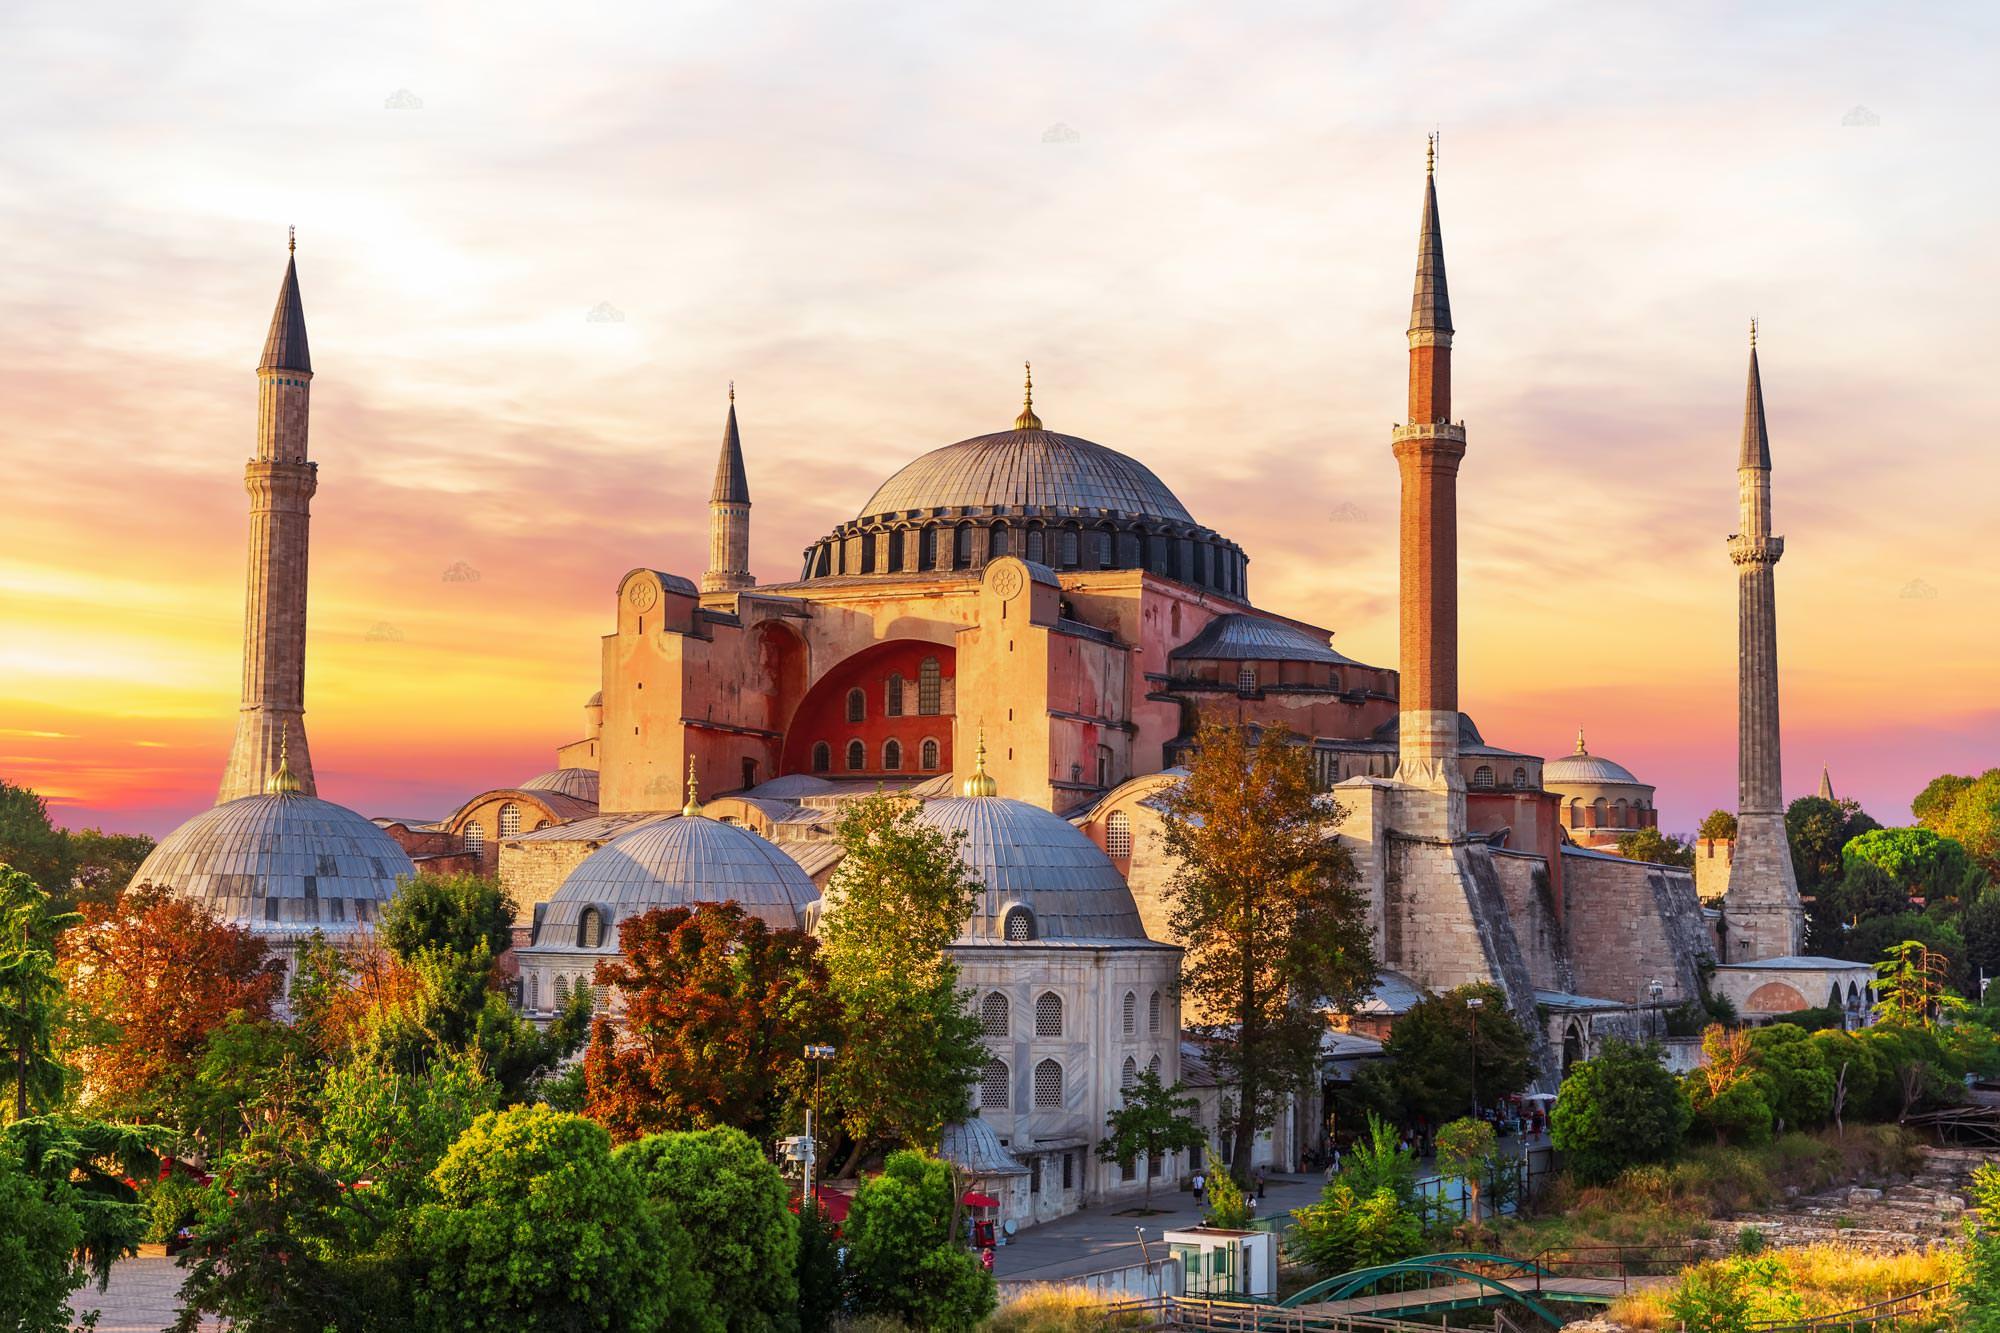 Ο Αθανάσιος Παπανδρόπουλος σημειώνει πως το να μετατρέψει ο Ταγίπ Ερντογάν την Αγιά Σοφιά σε τζαμί συνιστά πράξη με ύψιστη συμβολική σημασία. Αποσκοπεί στο να επιβεβαιώσει τον εξισλαμισμό της χώρας του και την προώθηση του Ισλάμεκτός αυτής. Για παράδειγμα στην Αφρική... new deal